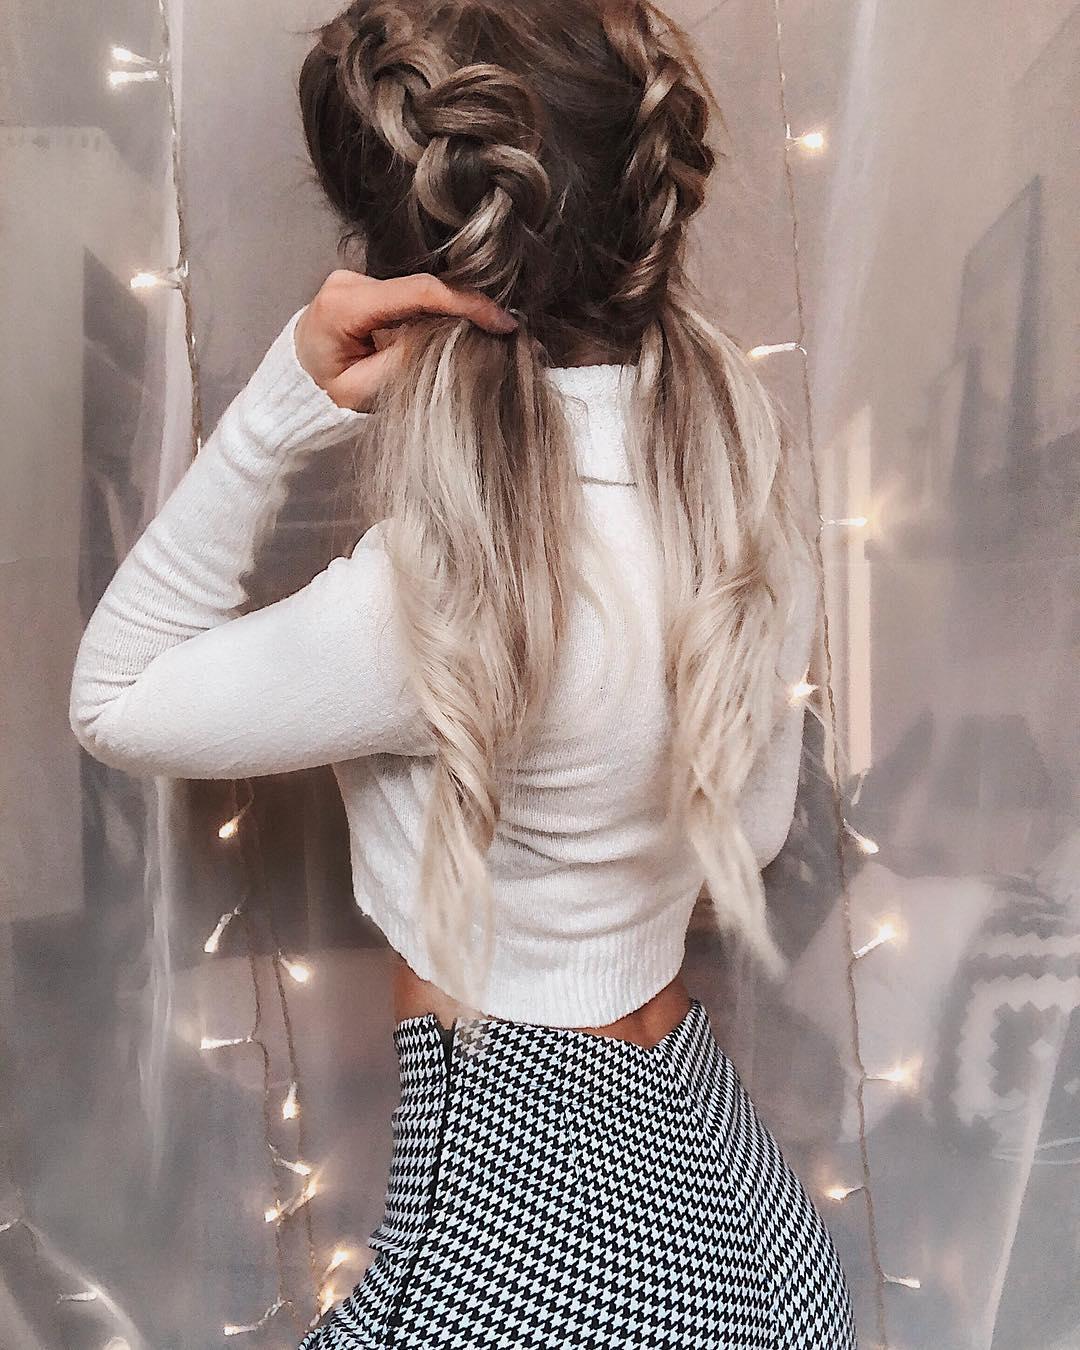 Модные-прически-2019-все-свежие-тренды-и-модные-варианты